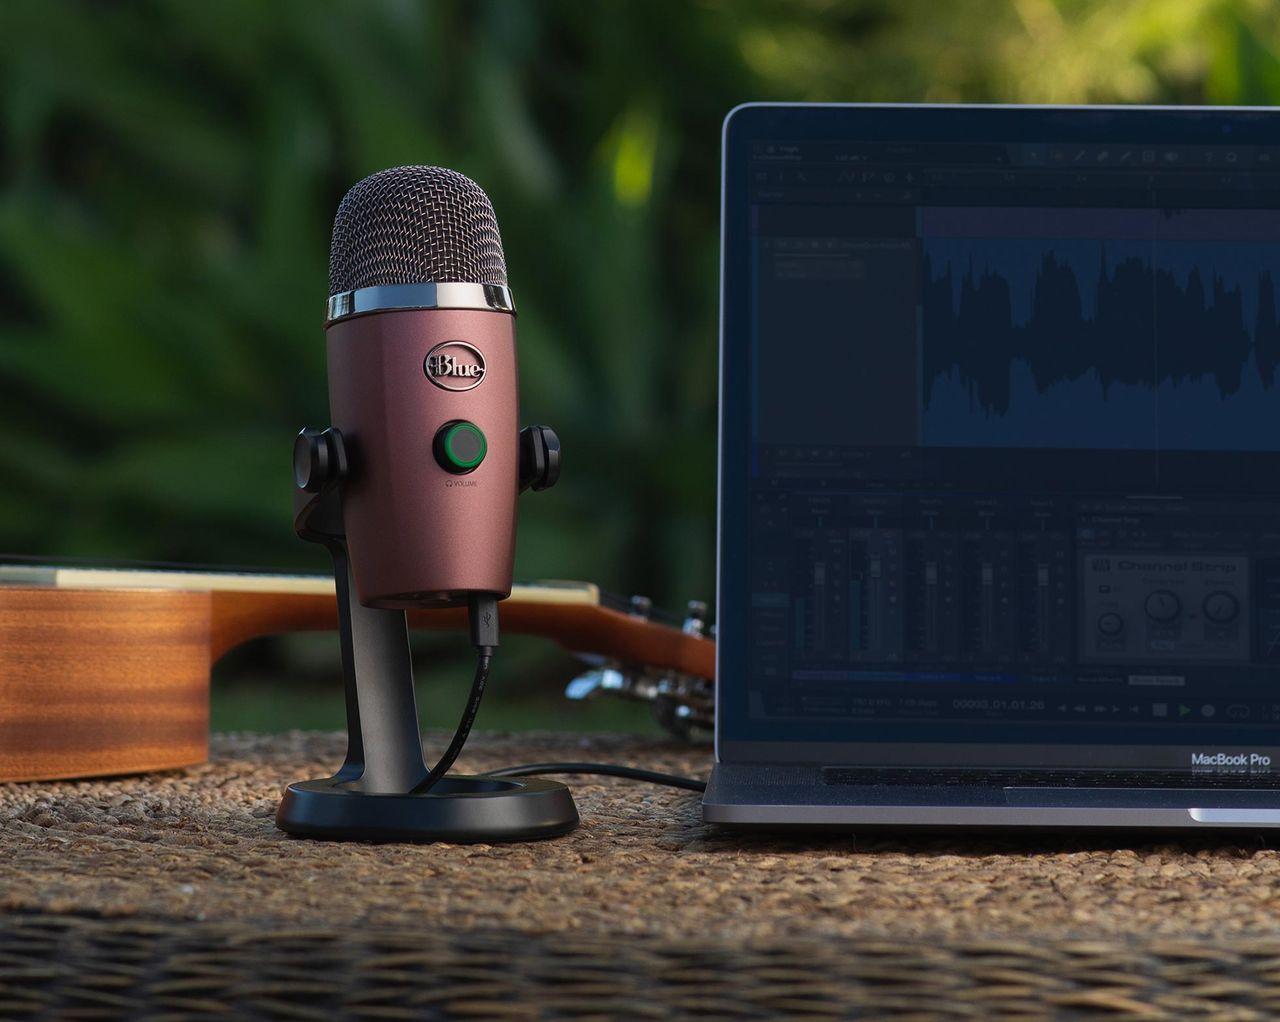 Blue släpper mikrofonen Yeti Nano